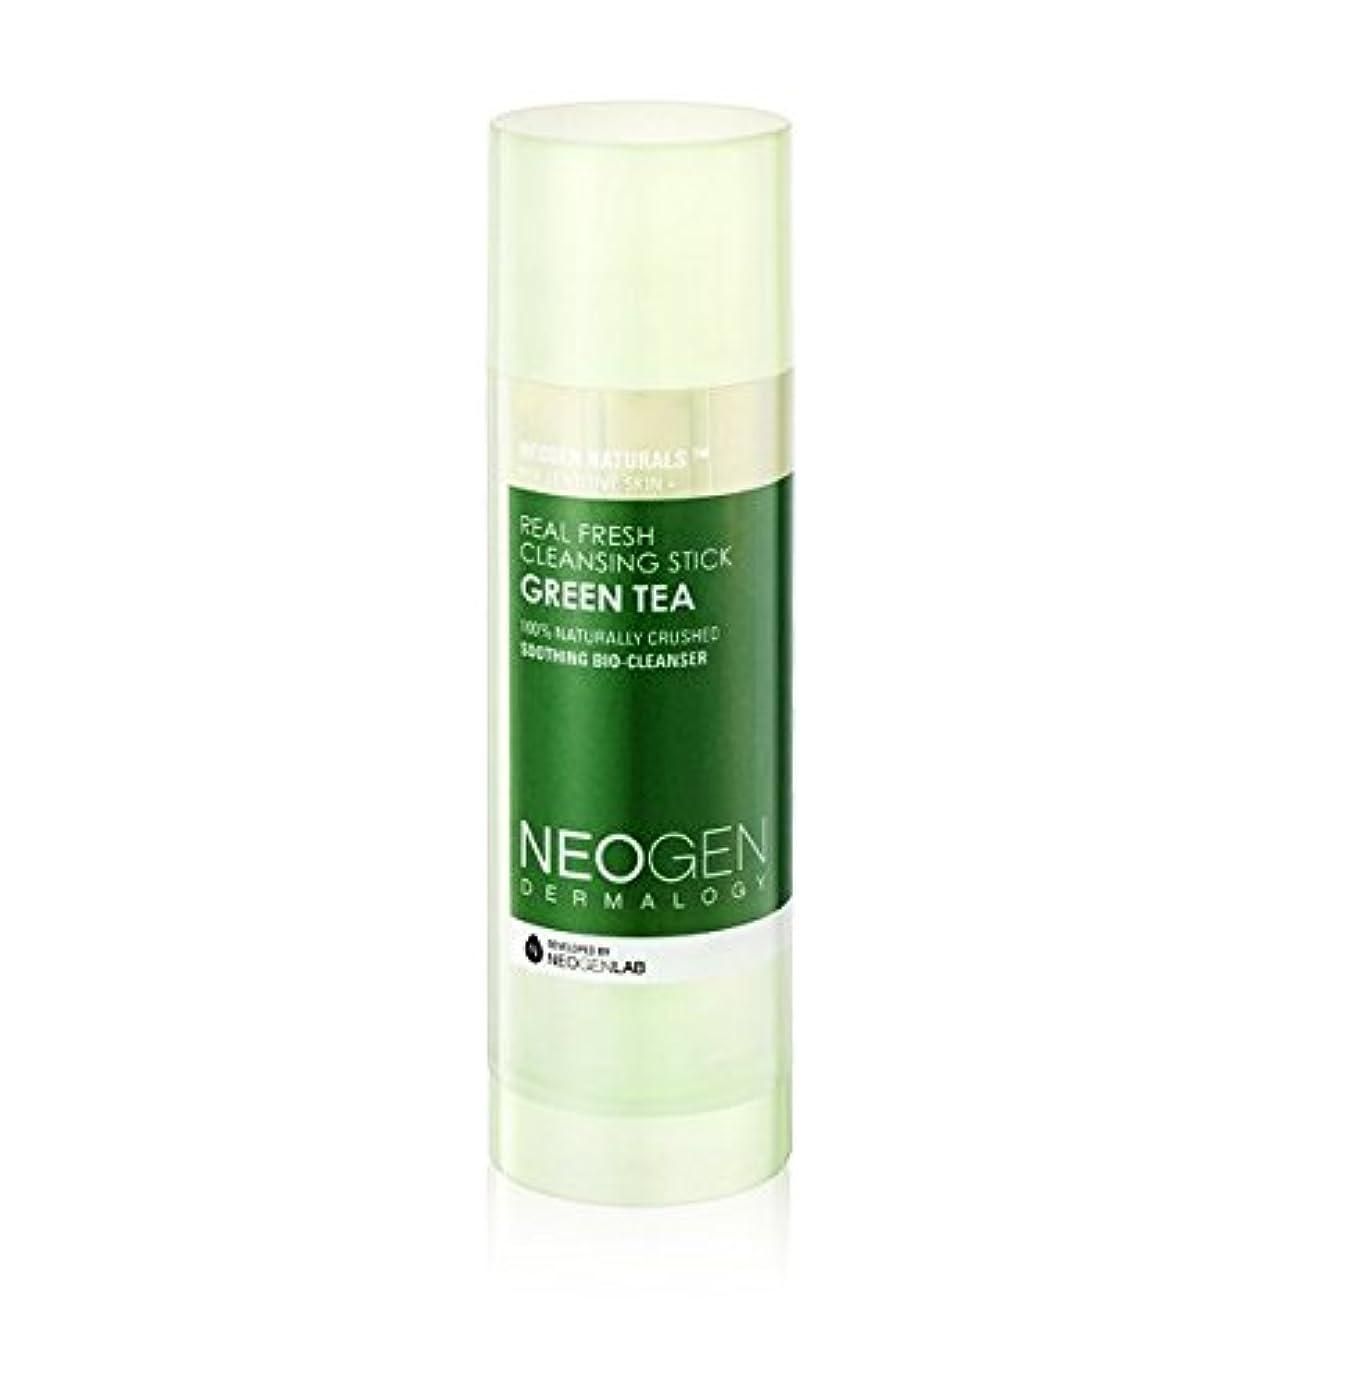 千疲労ドラッグNEOGEN(ネオジェン) ダーマロジー リアル フレッシュ クレンジングスティック グリーンティー/Dermalogy Real Fresh Cleansing Stick Green Tea(80g) [並行輸入品]